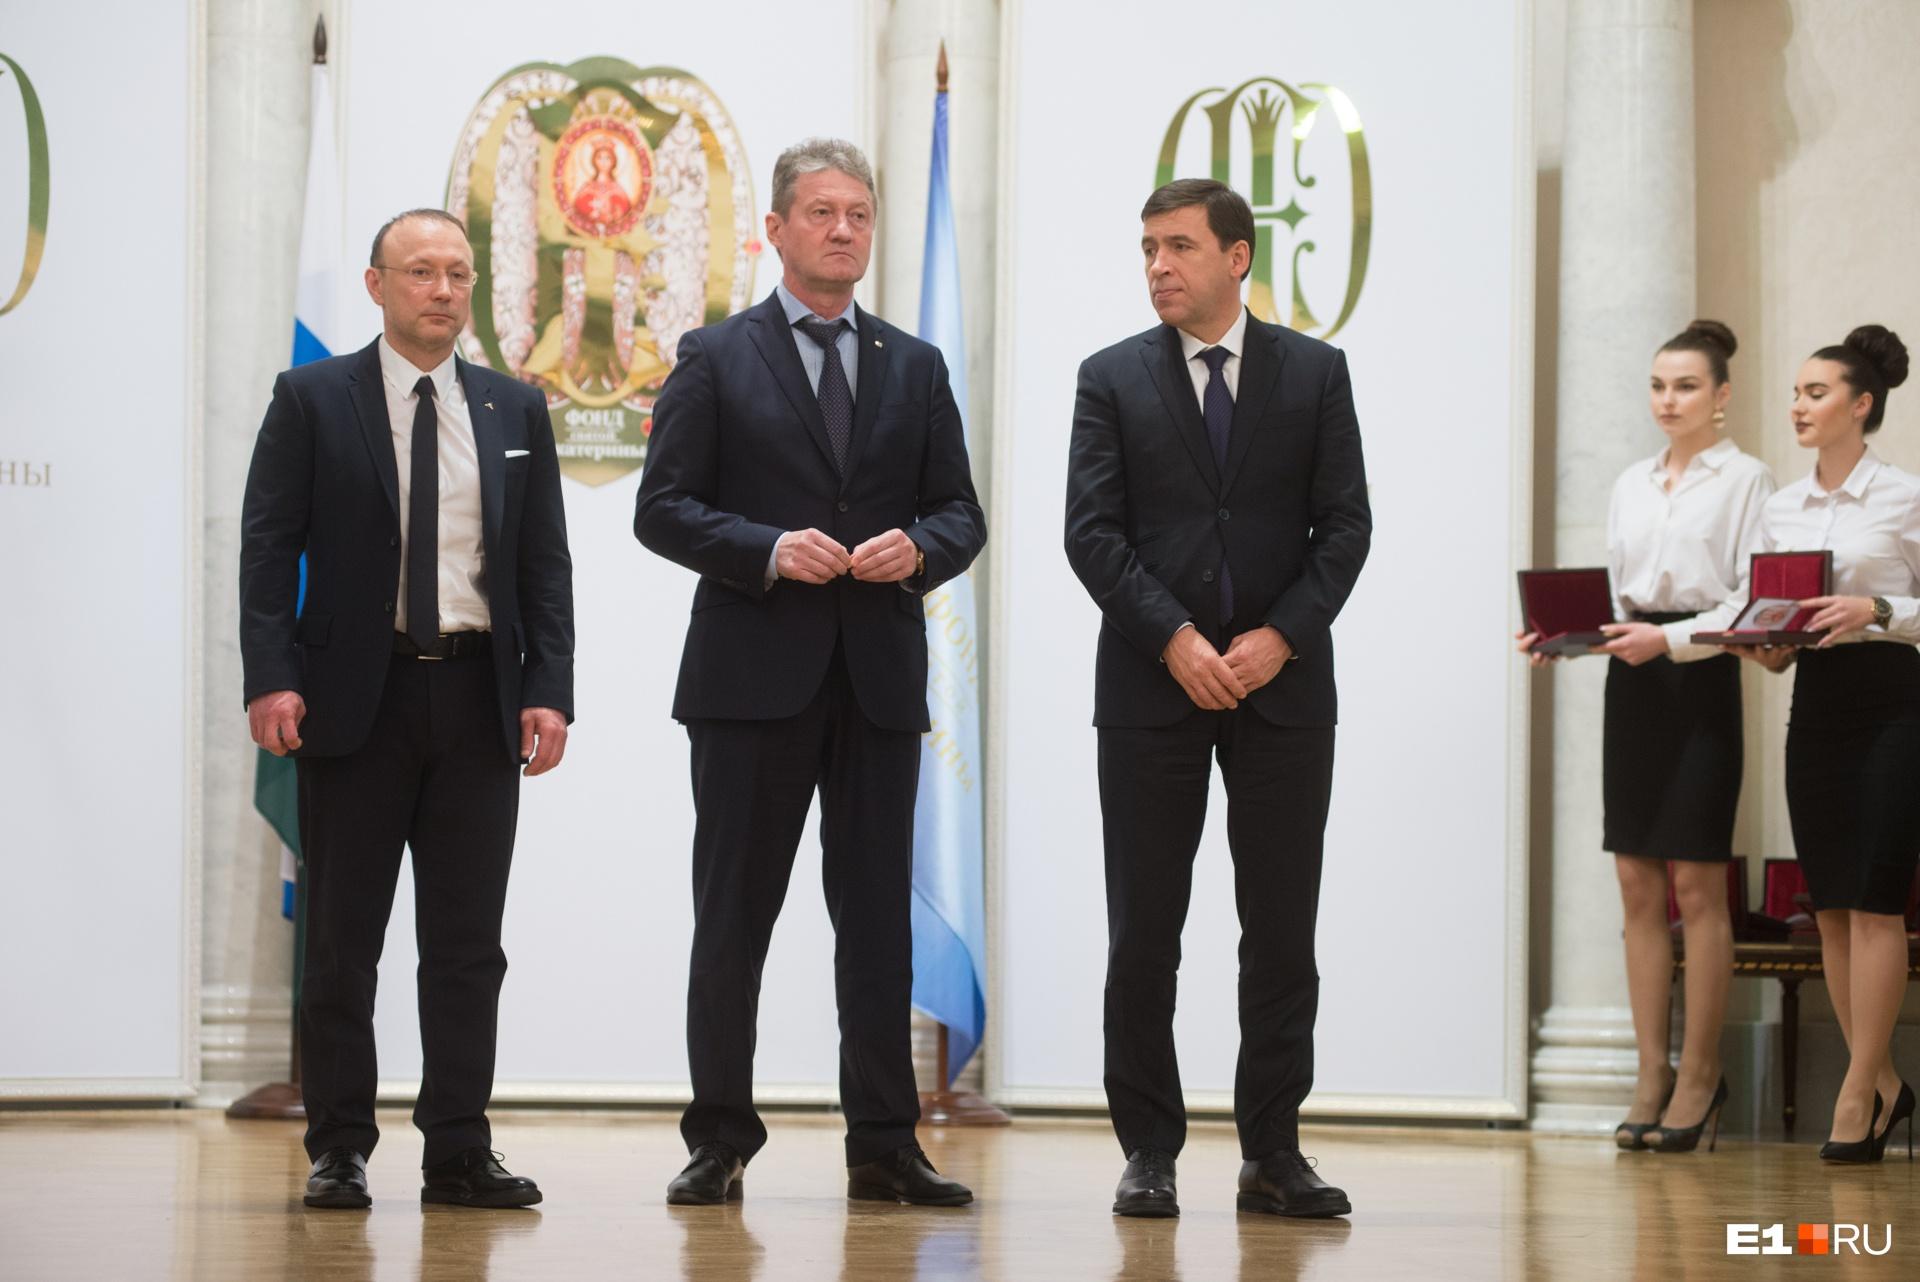 Слева направо: глава РМК Игорь Алтушкин, гендиректор УГМК Андрей Козицын, губернатор Свердловской области Евгений Куйвашев